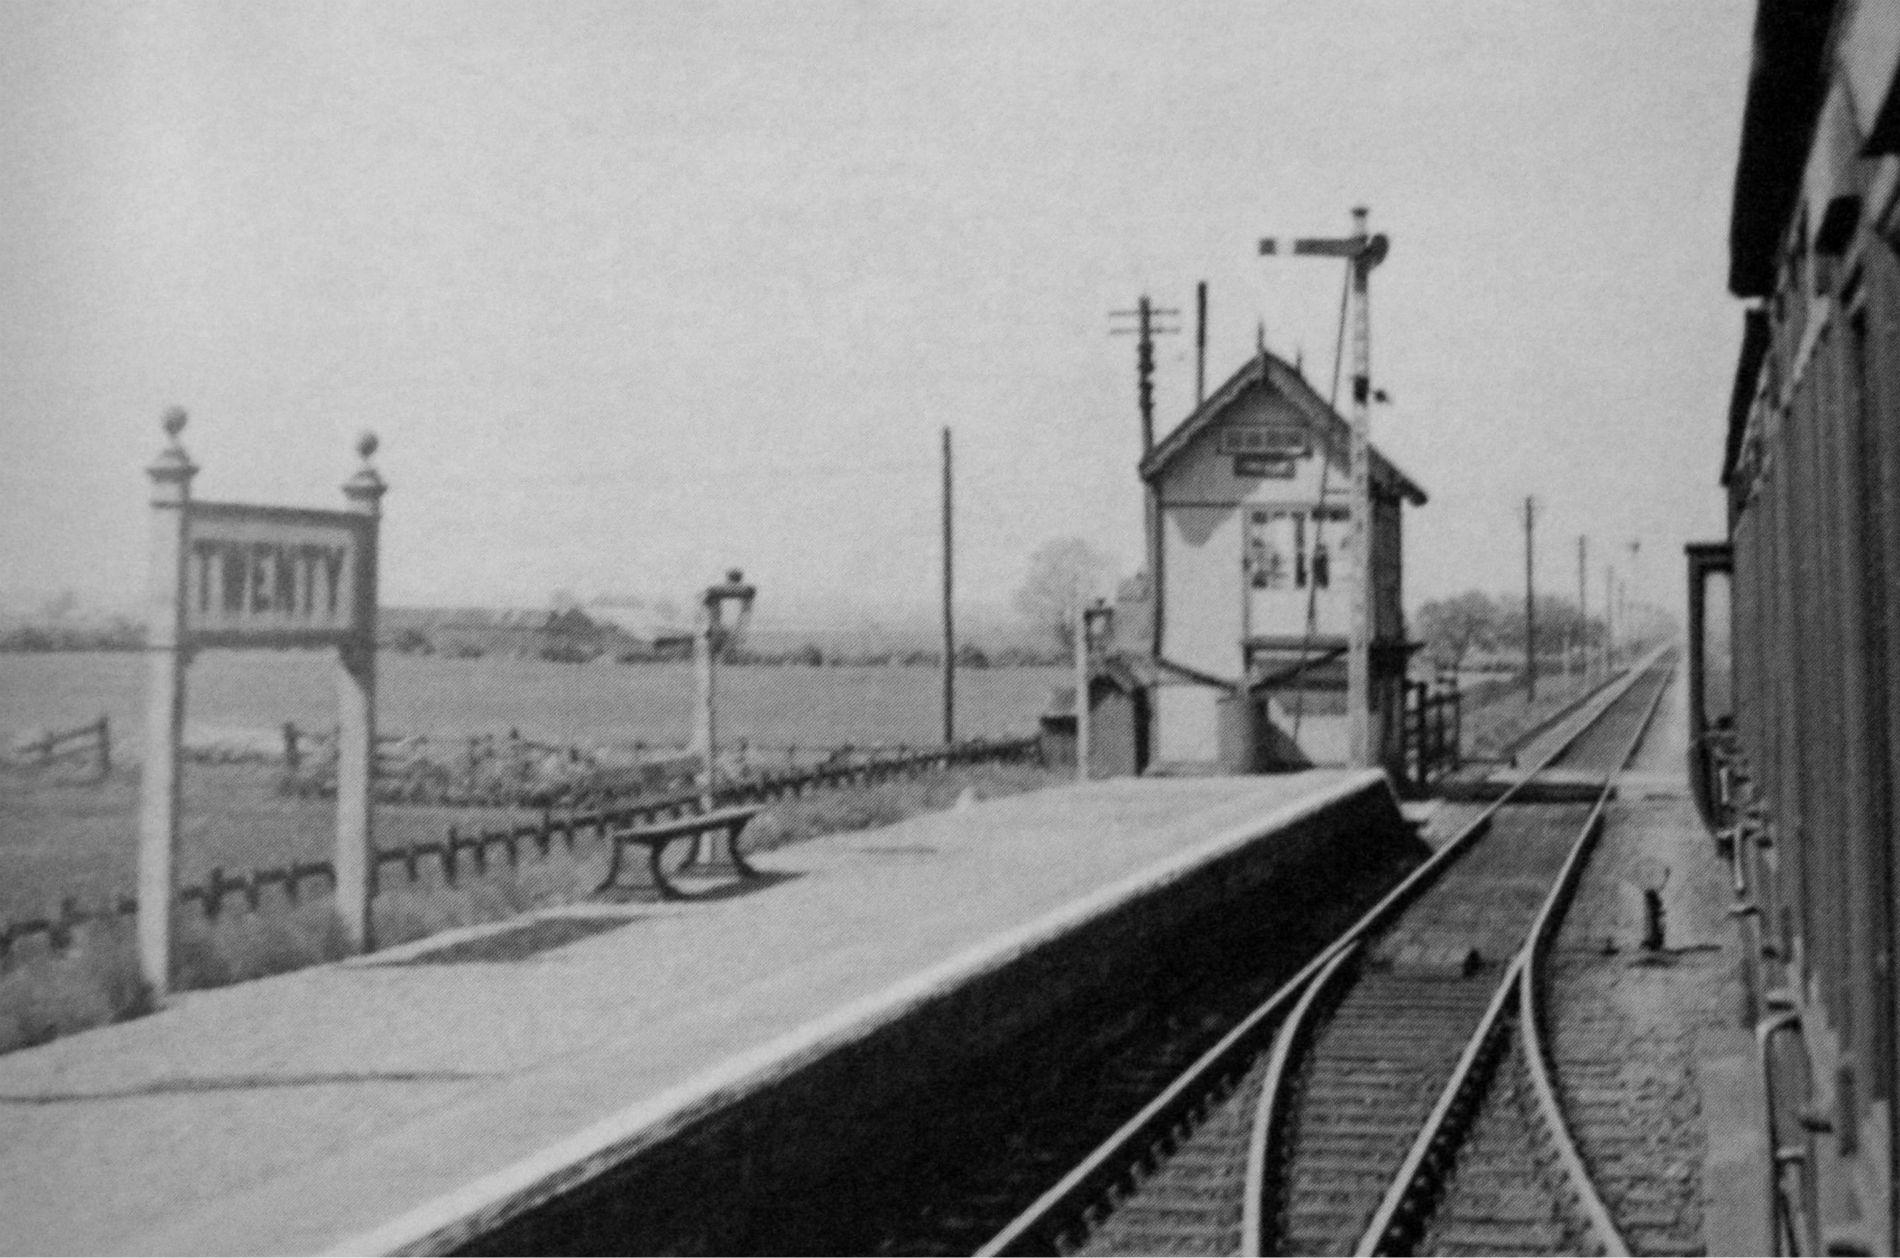 Twenty Railway Station